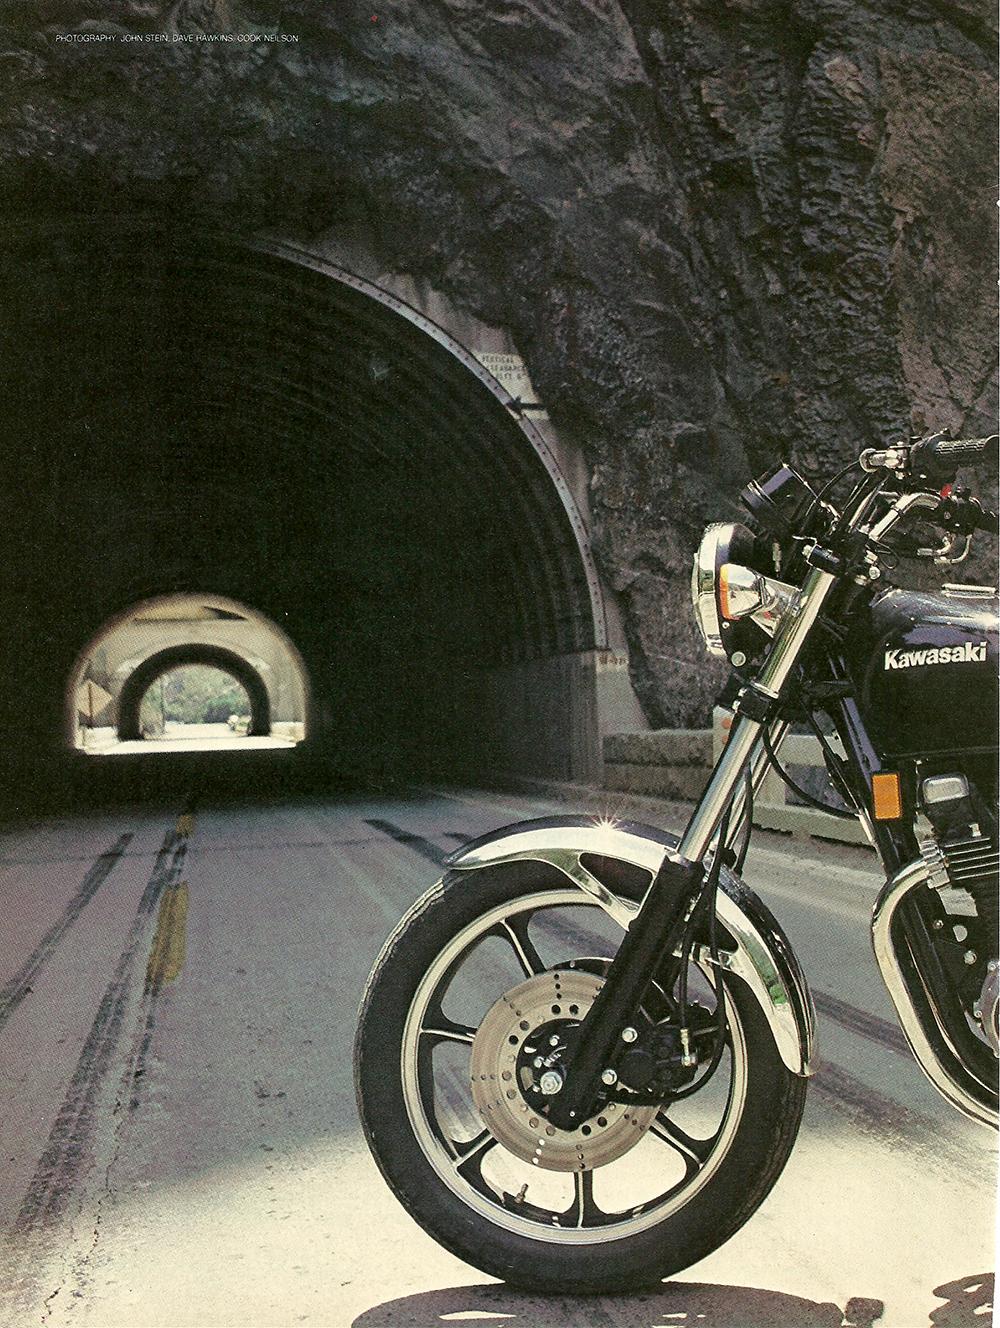 1979 Kawasaki KZ1000 ST road test 01.jpg